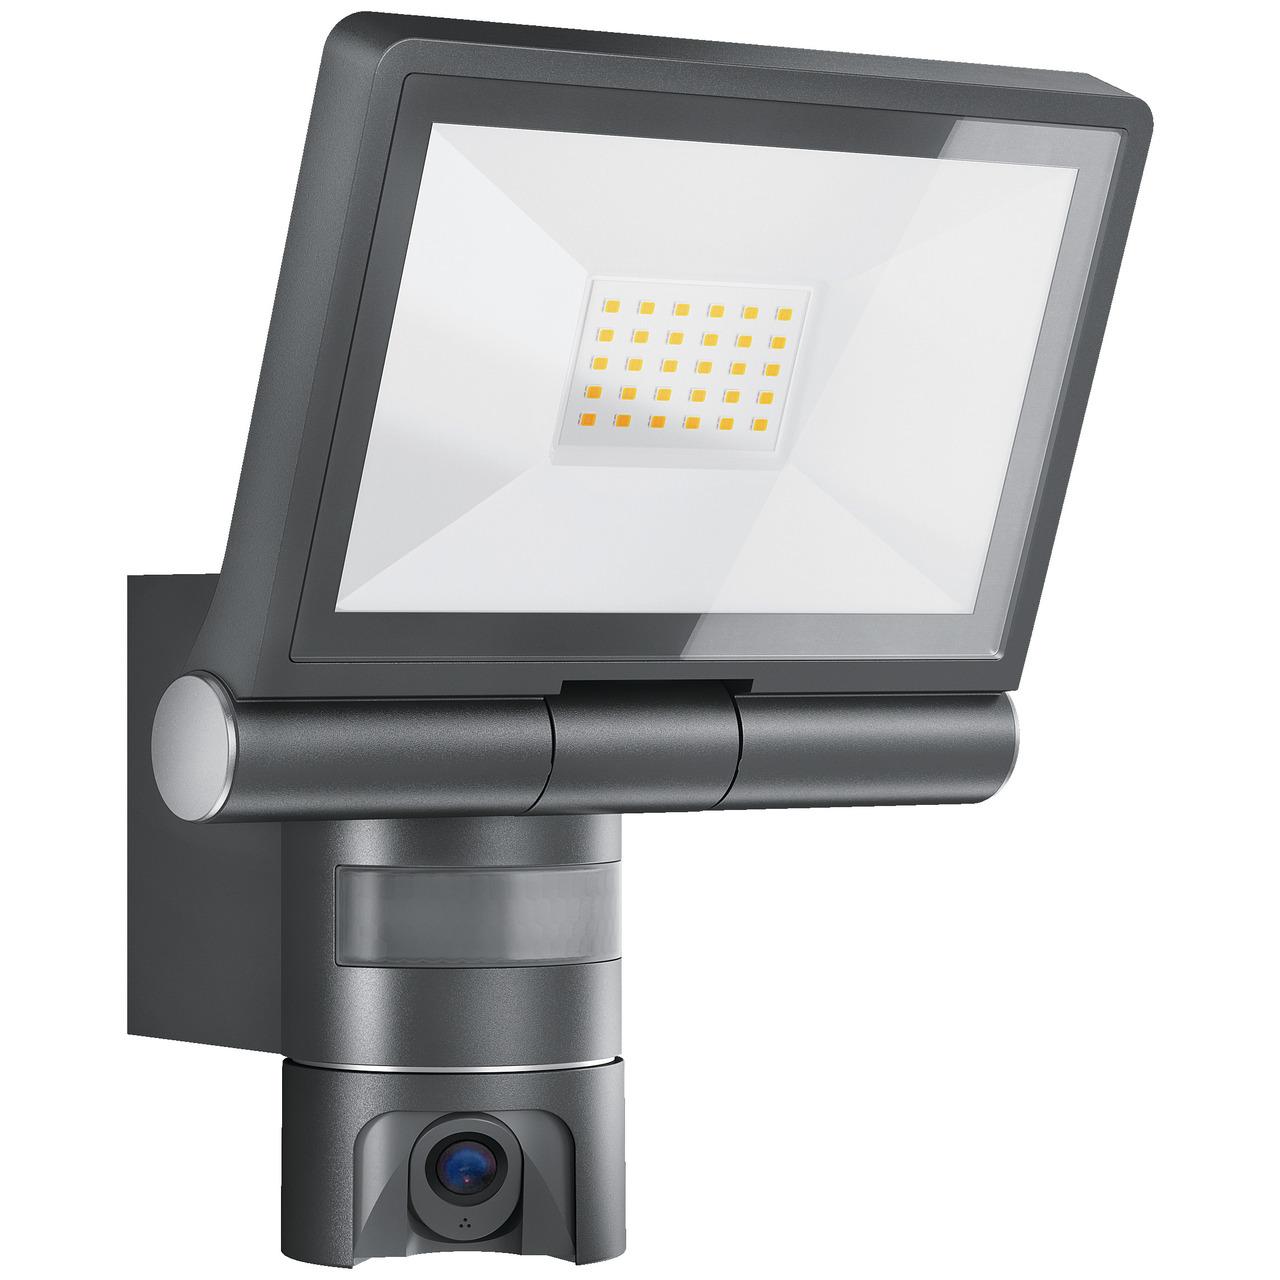 Steinel 21-W-LED-Strahler-Kameraleuchte XLED CAM 1- mit HD-Kamera- App-Zugriff